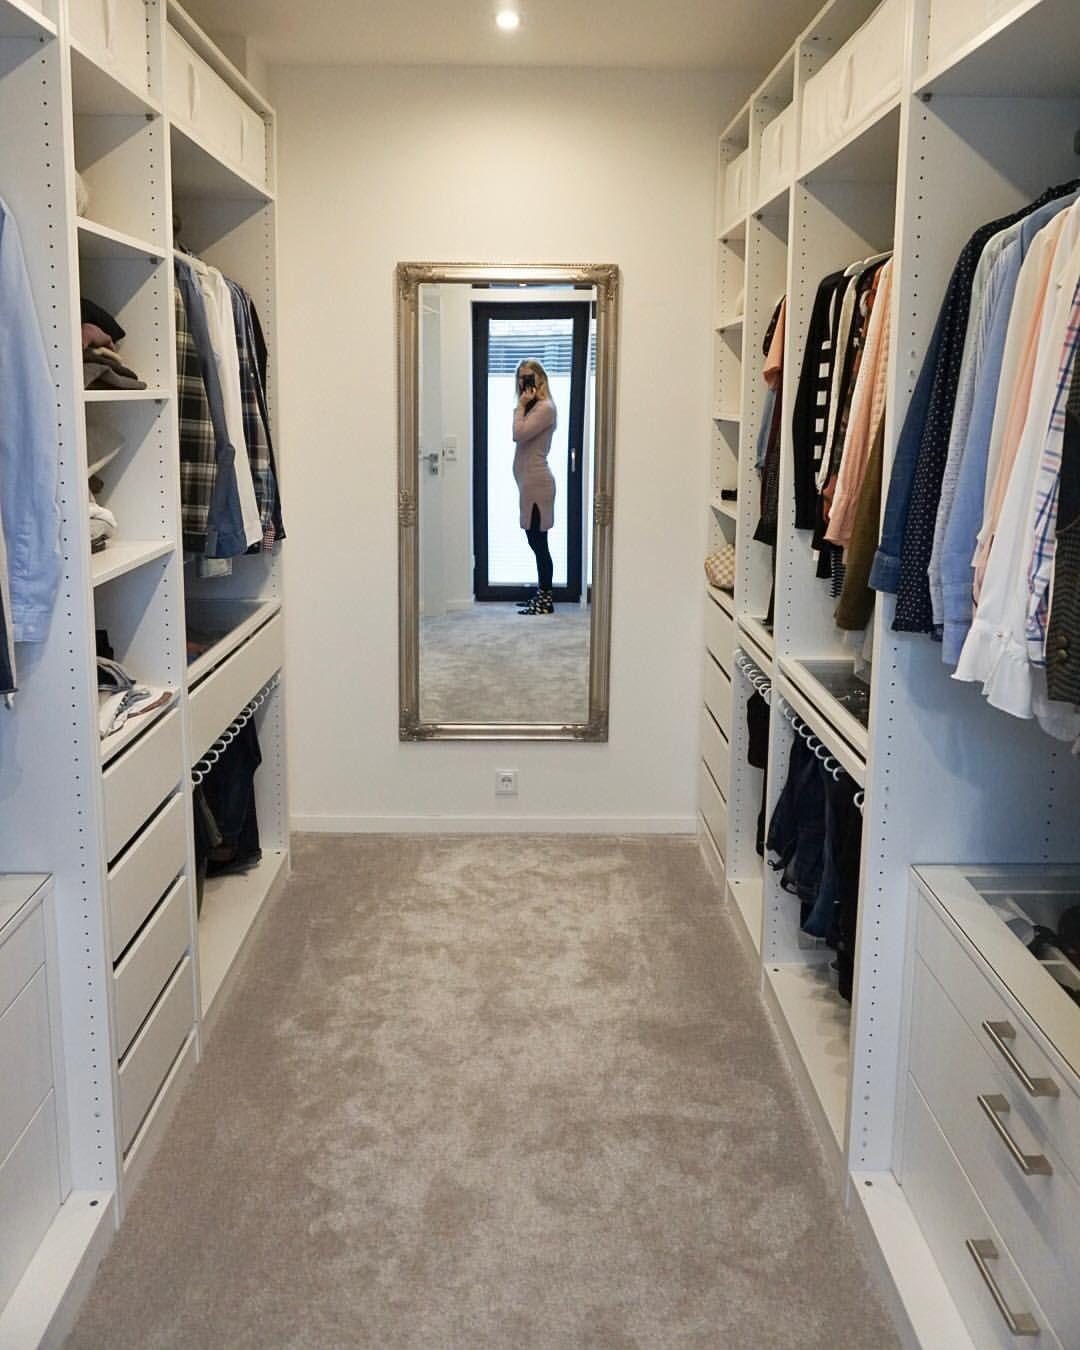 Ankleidezimmer mit SpiegelBauchBild 😉 Die Ankleide ist